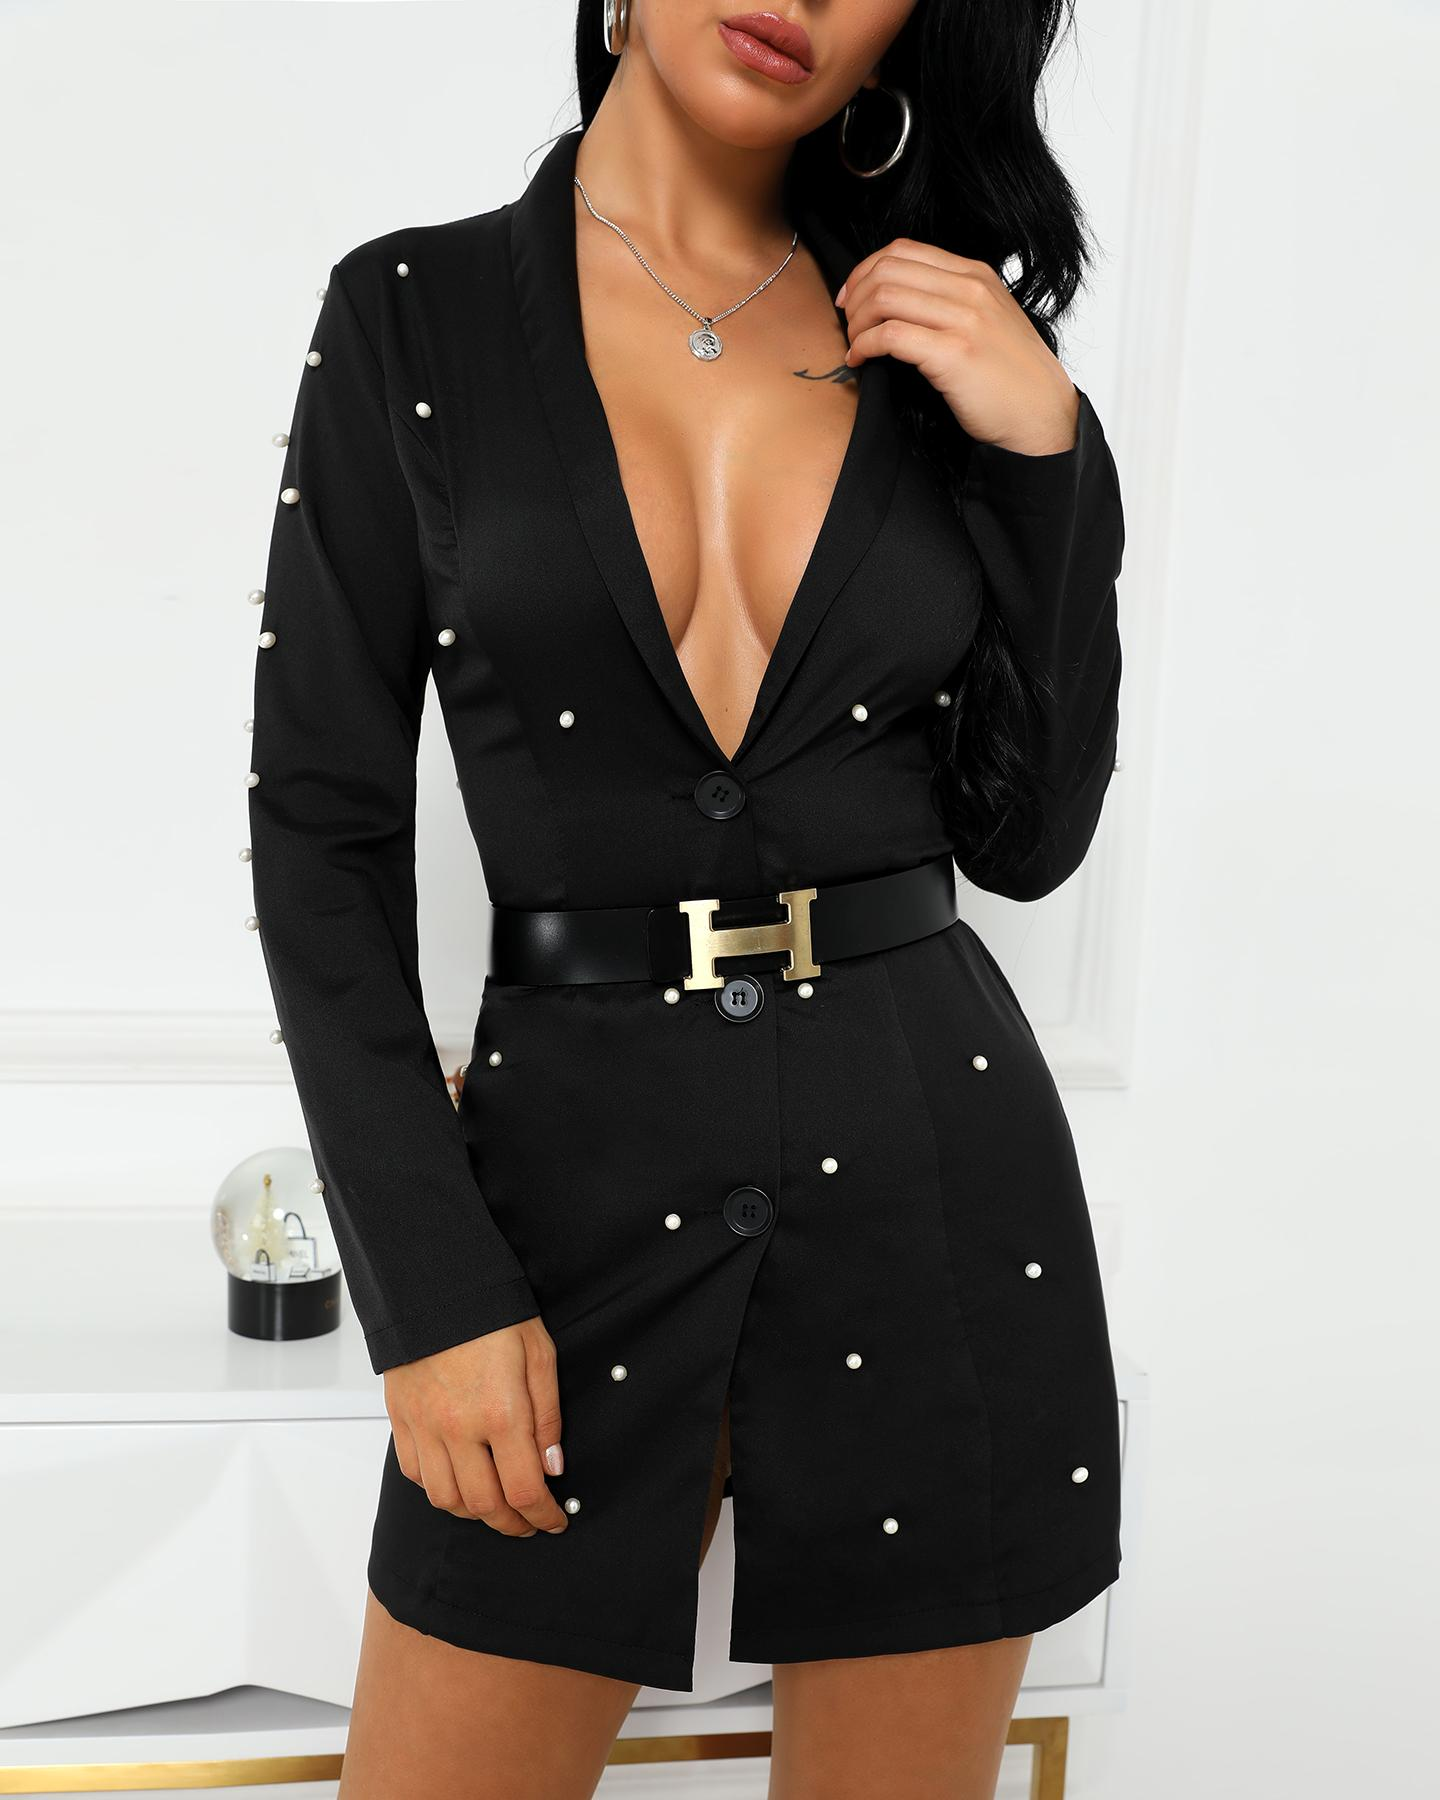 chicme / Vestido de trabalho embelezado